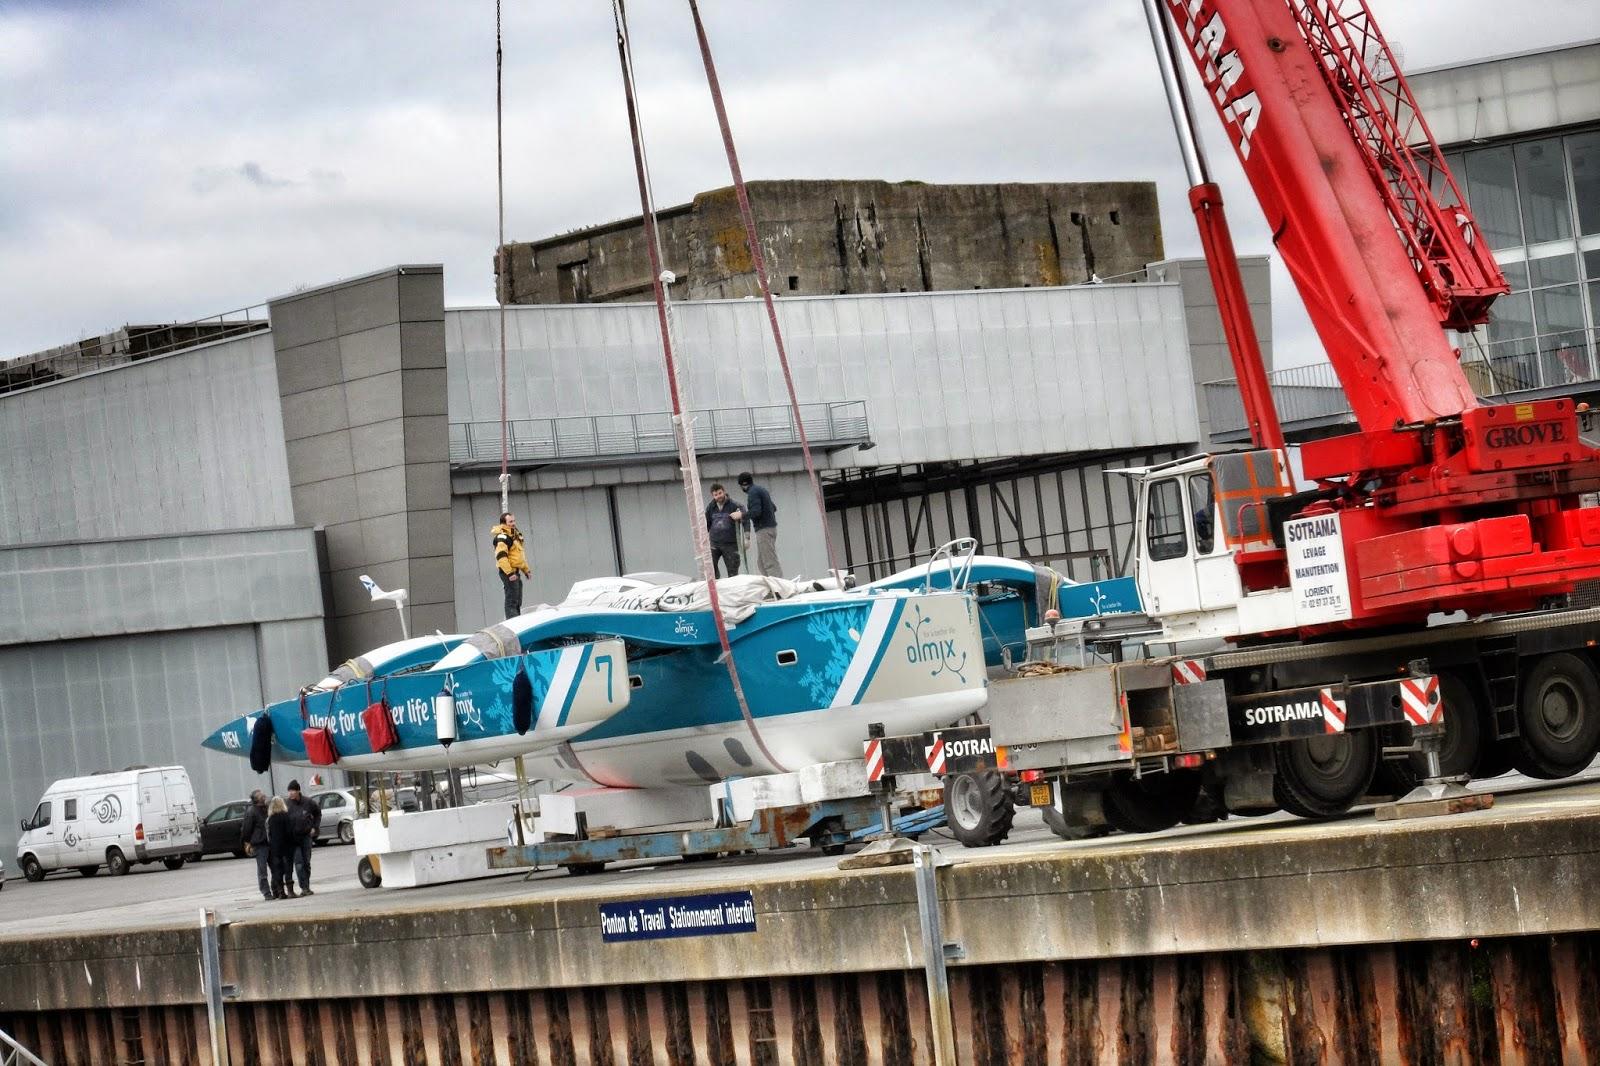 Olmix de retour à Lorient.